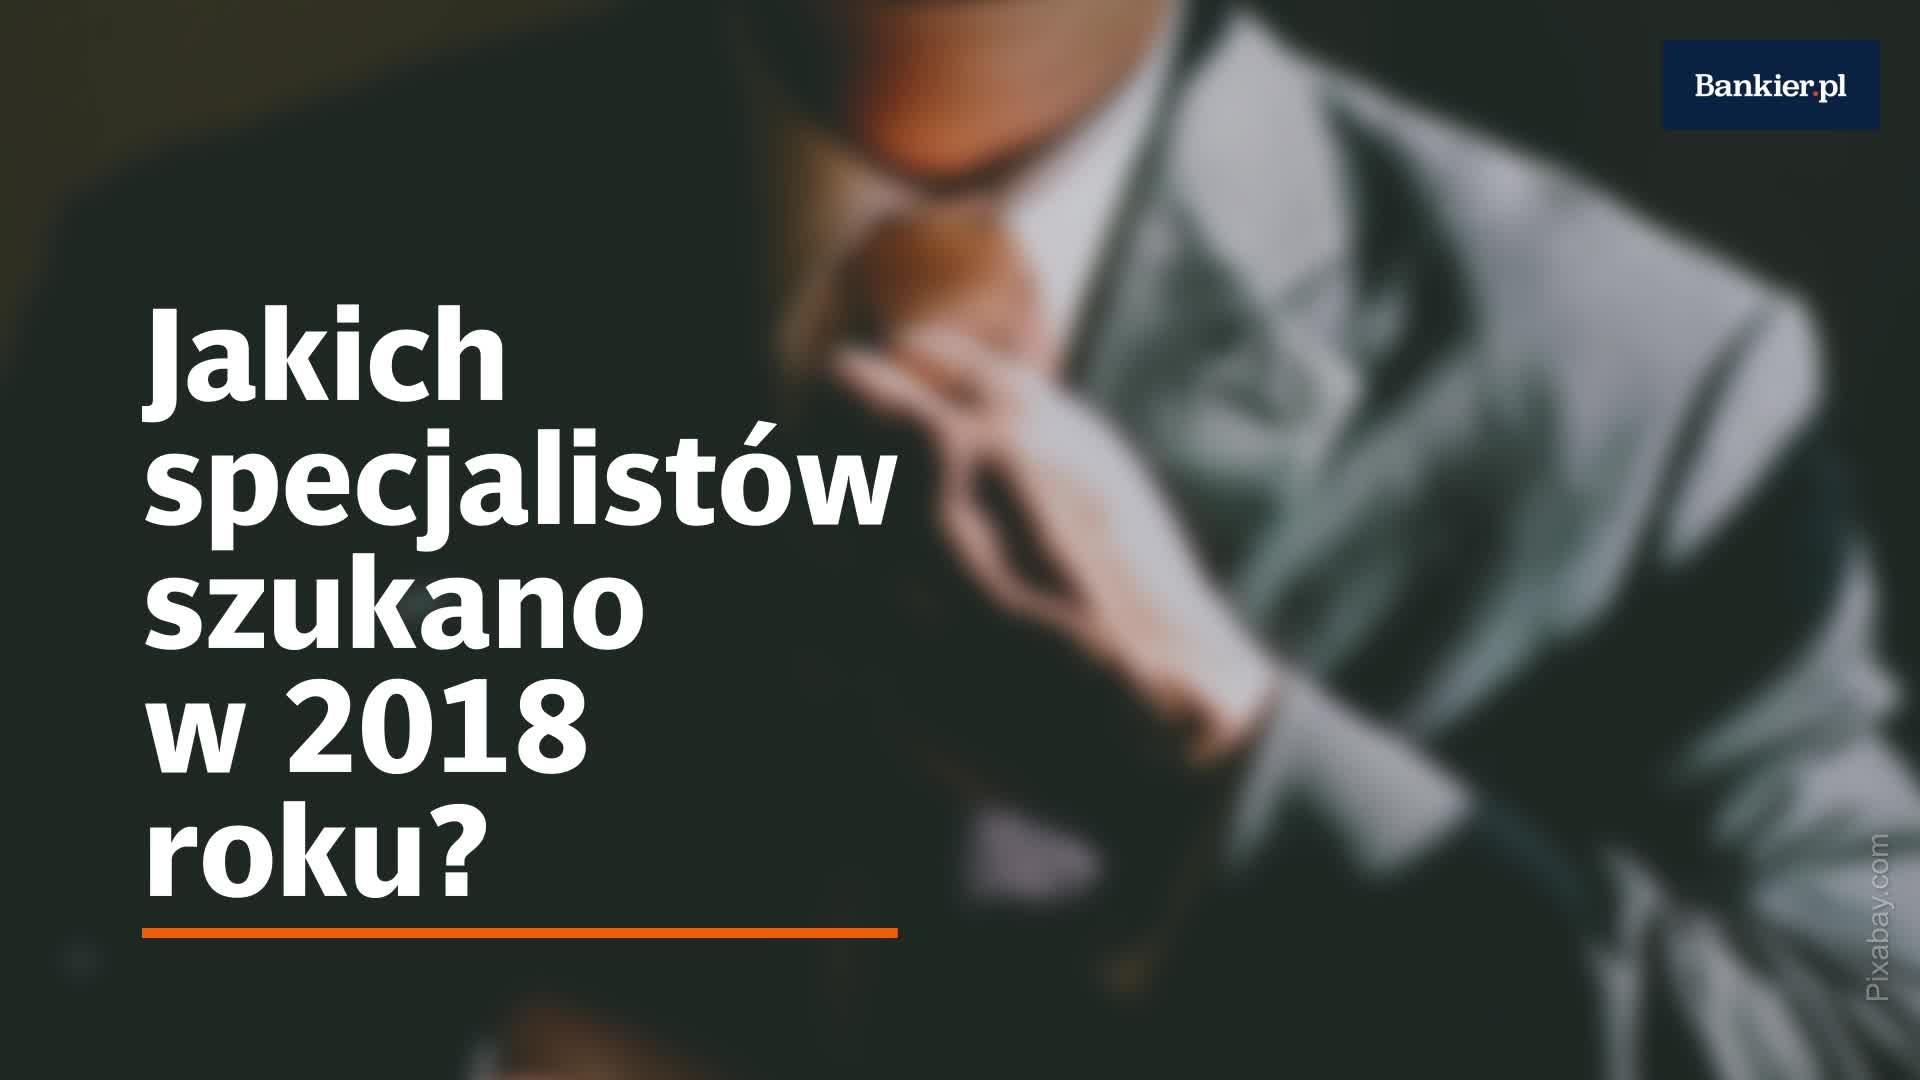 Jakich specjalistów szukano w 2018 roku?